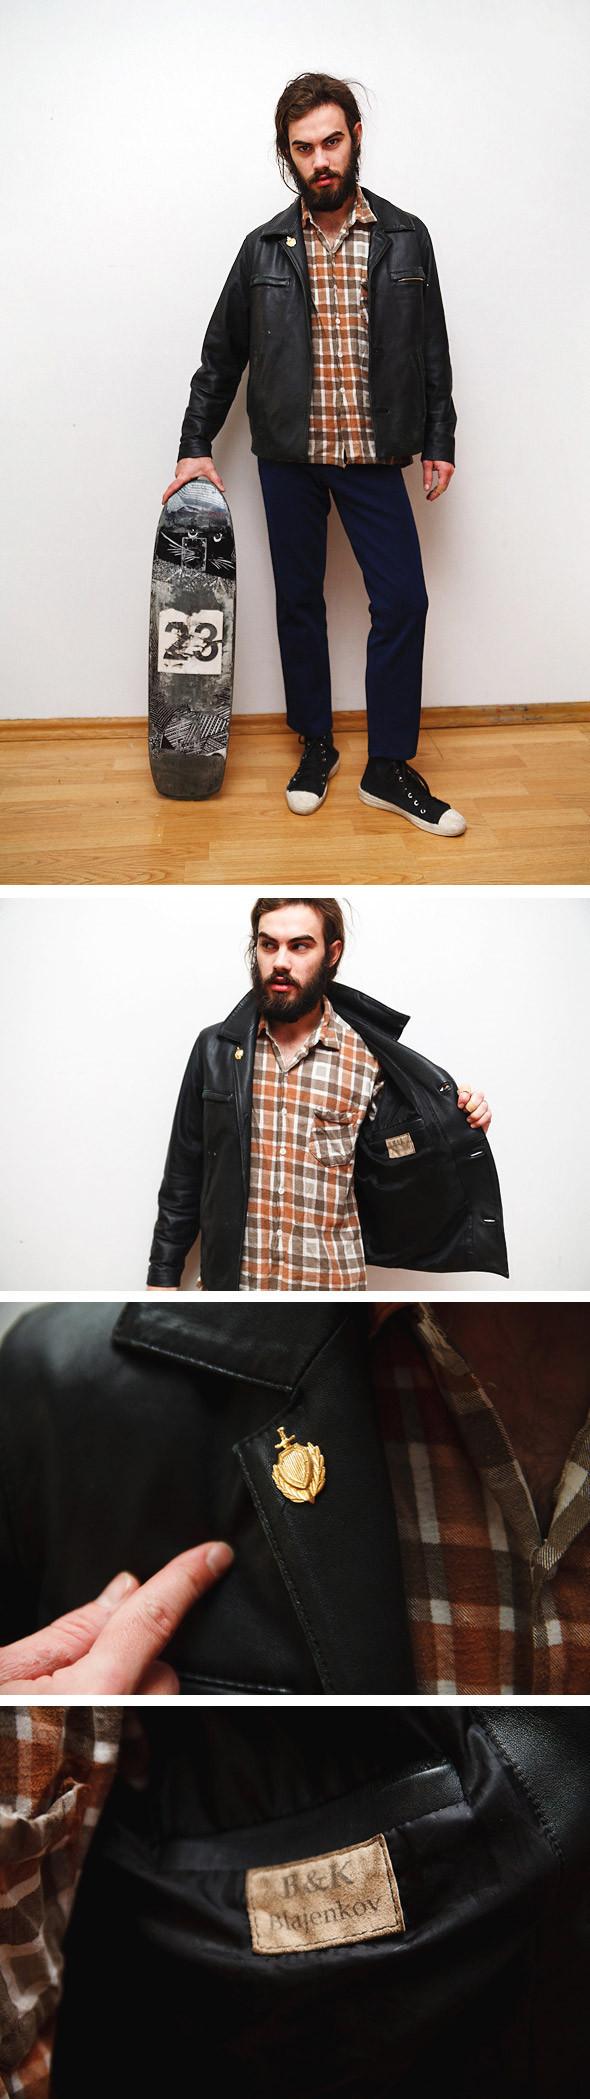 Гардероб: Павлик Кузнецов, художник и скейтер. Изображение № 3.